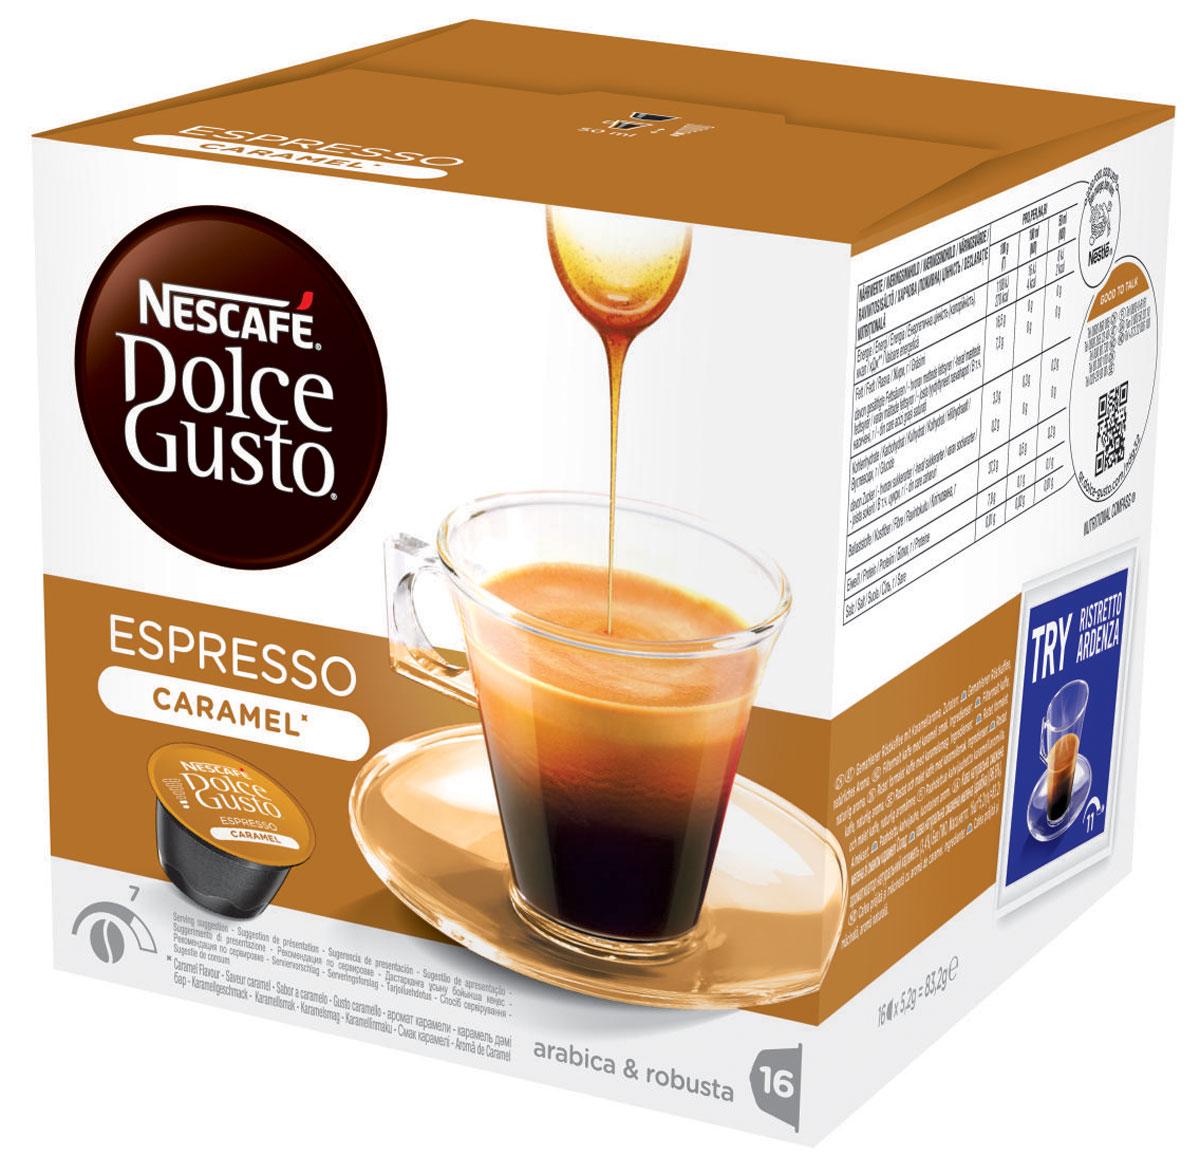 Nescafe Dolce Gusto Espresso Caramel кофе в капсулах, 16 шт0120710Nescafe Dolce Gusto Espresso Caramel – нечто особенное. Если вы обожаете эспрессо или хотите попробовать что-то мягкое, нежное и в то же время насыщенное, думаем, вам понравится эспрессо со вкусом карамели. Этот капсульный кофе с ненавязчивыми карамельными нотками абсолютно фантастично впишется в ваш день. Карамельный эспрессо просто блестяще подходит для любого случая – от ежедневного утреннего ритуала до самого особенного вечера.